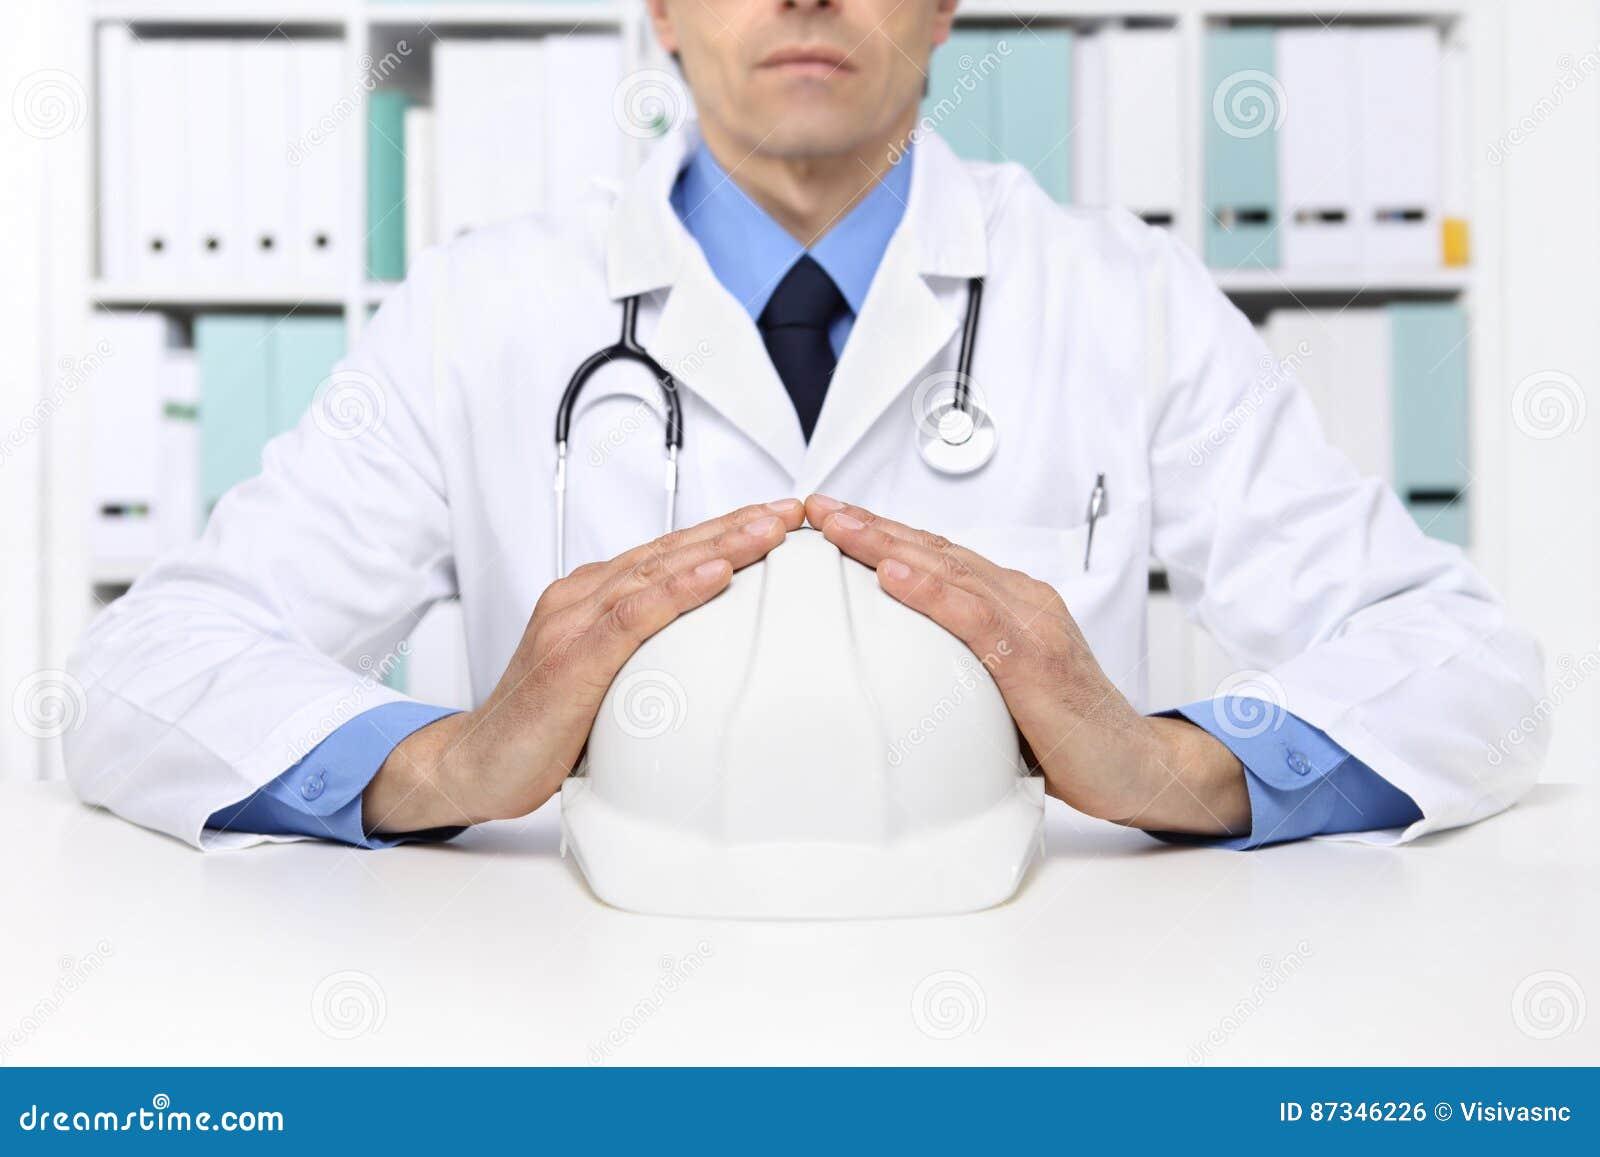 Händer manipulerar skyddar hjälmarbetaren, medicinsk sjukförsäkring lurar